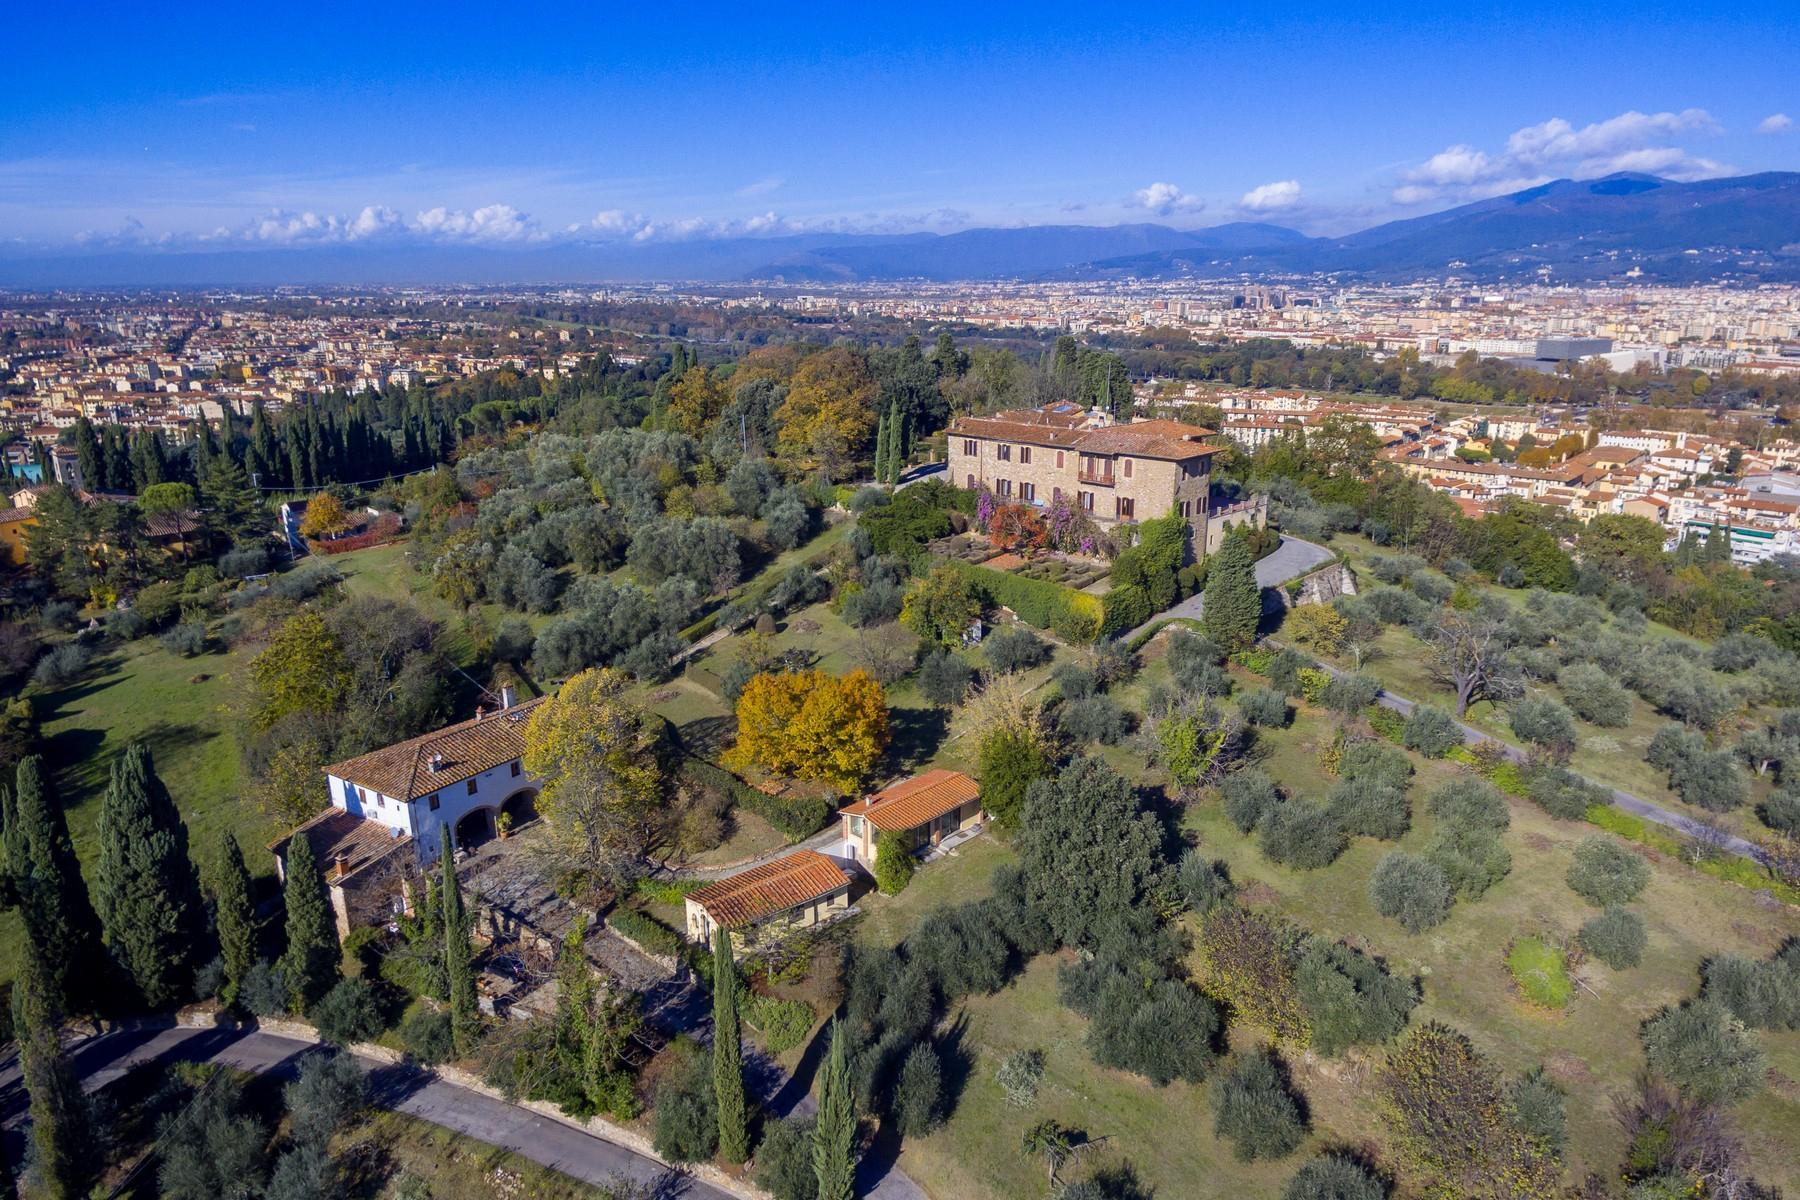 Wunderschöne Immobilien mit atemberaubendem Blick auf Florenz - 36